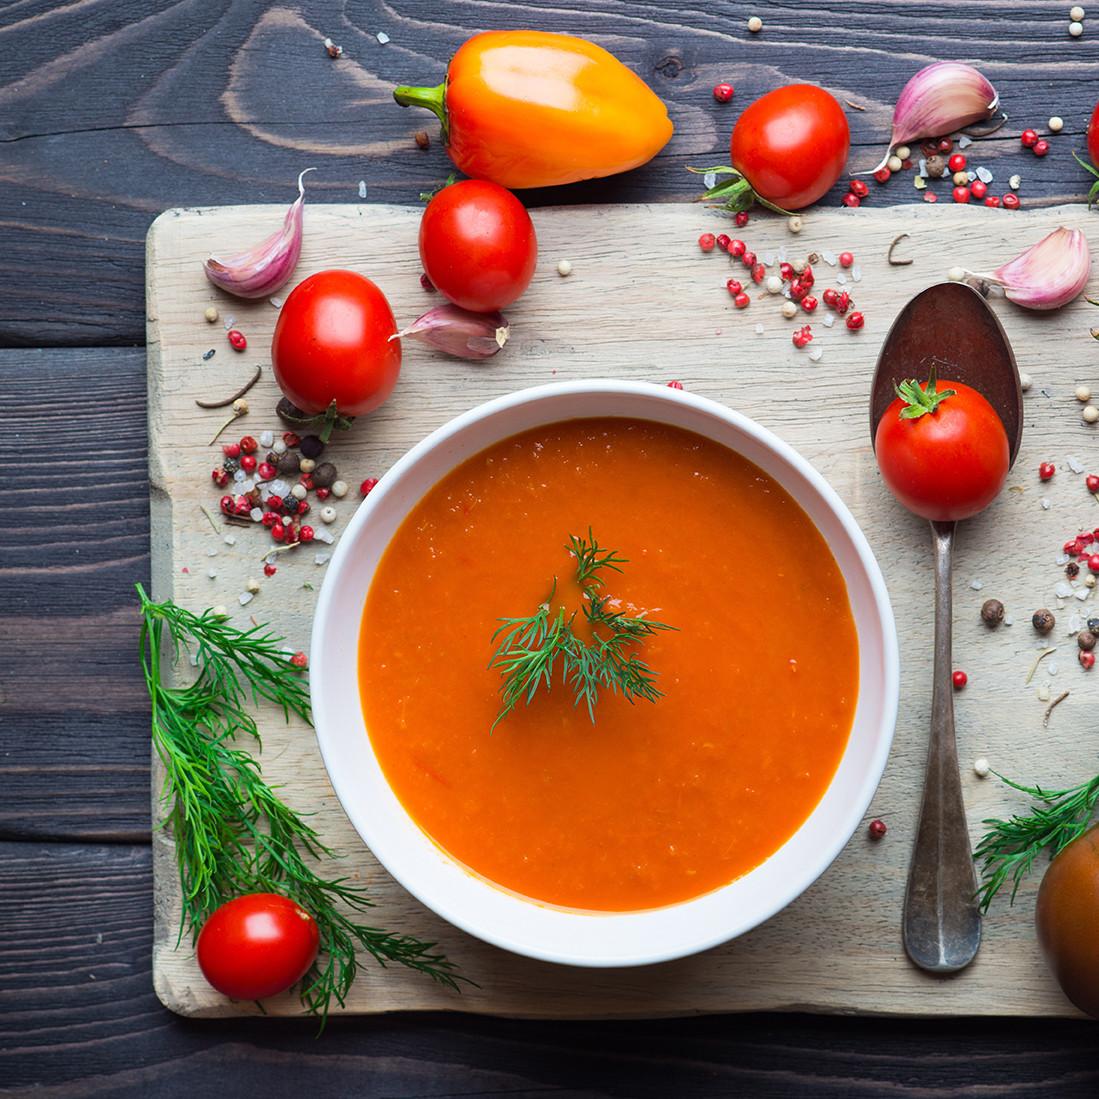 Tomato Soup From Tomato Paste  High Protein Tomato Soup PROFI